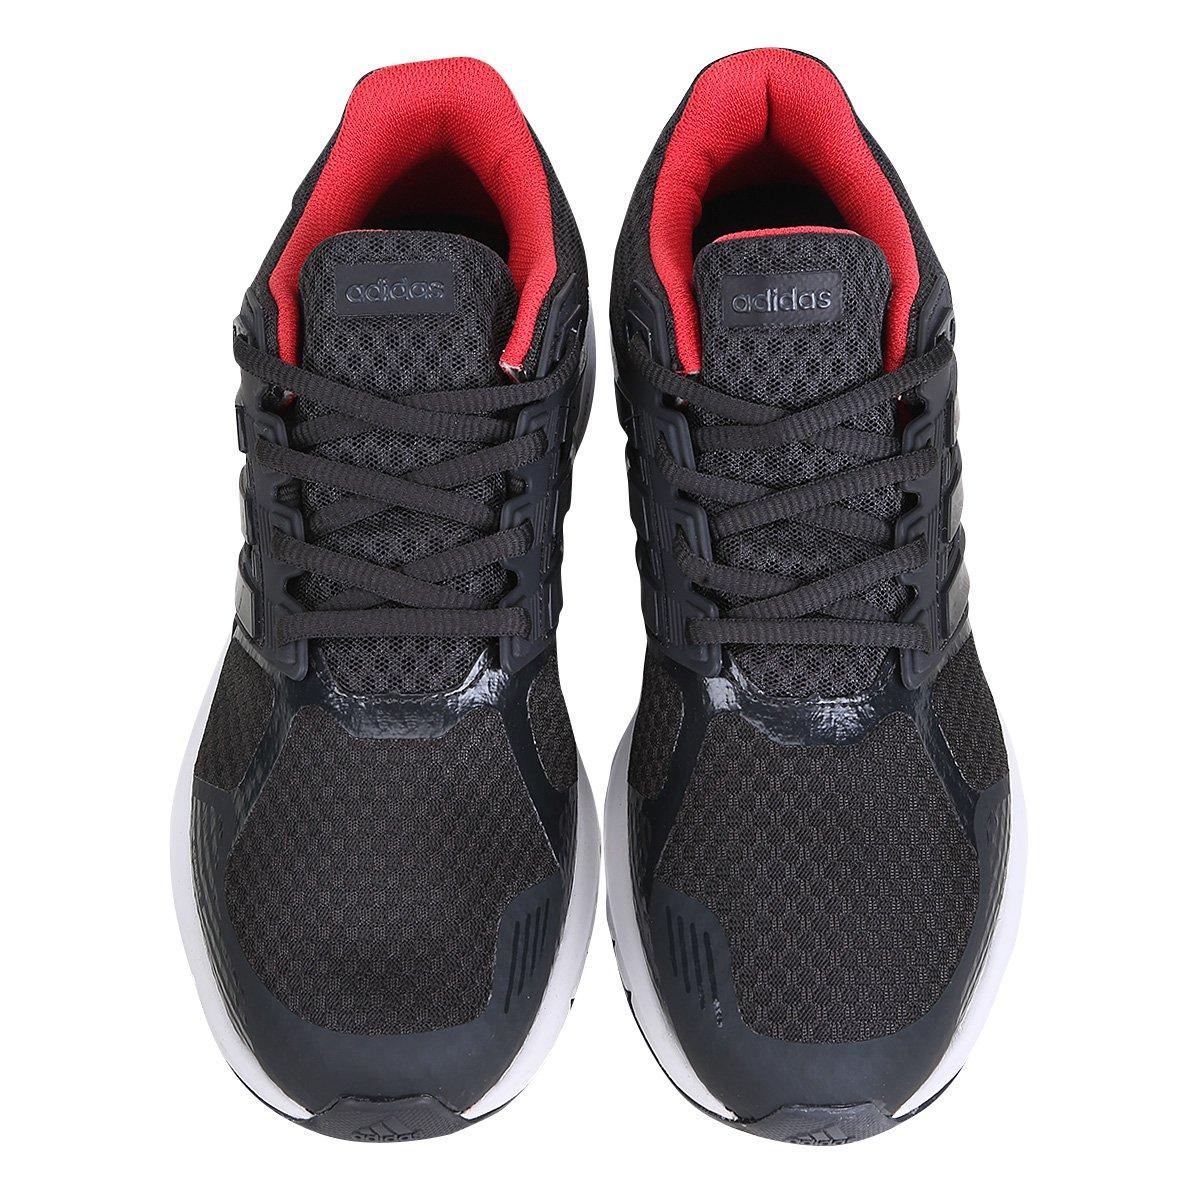 Tênis Adidas Duramo 8 Feminino - Preto e Vermelho - Compre Agora ... 88c026c675c30